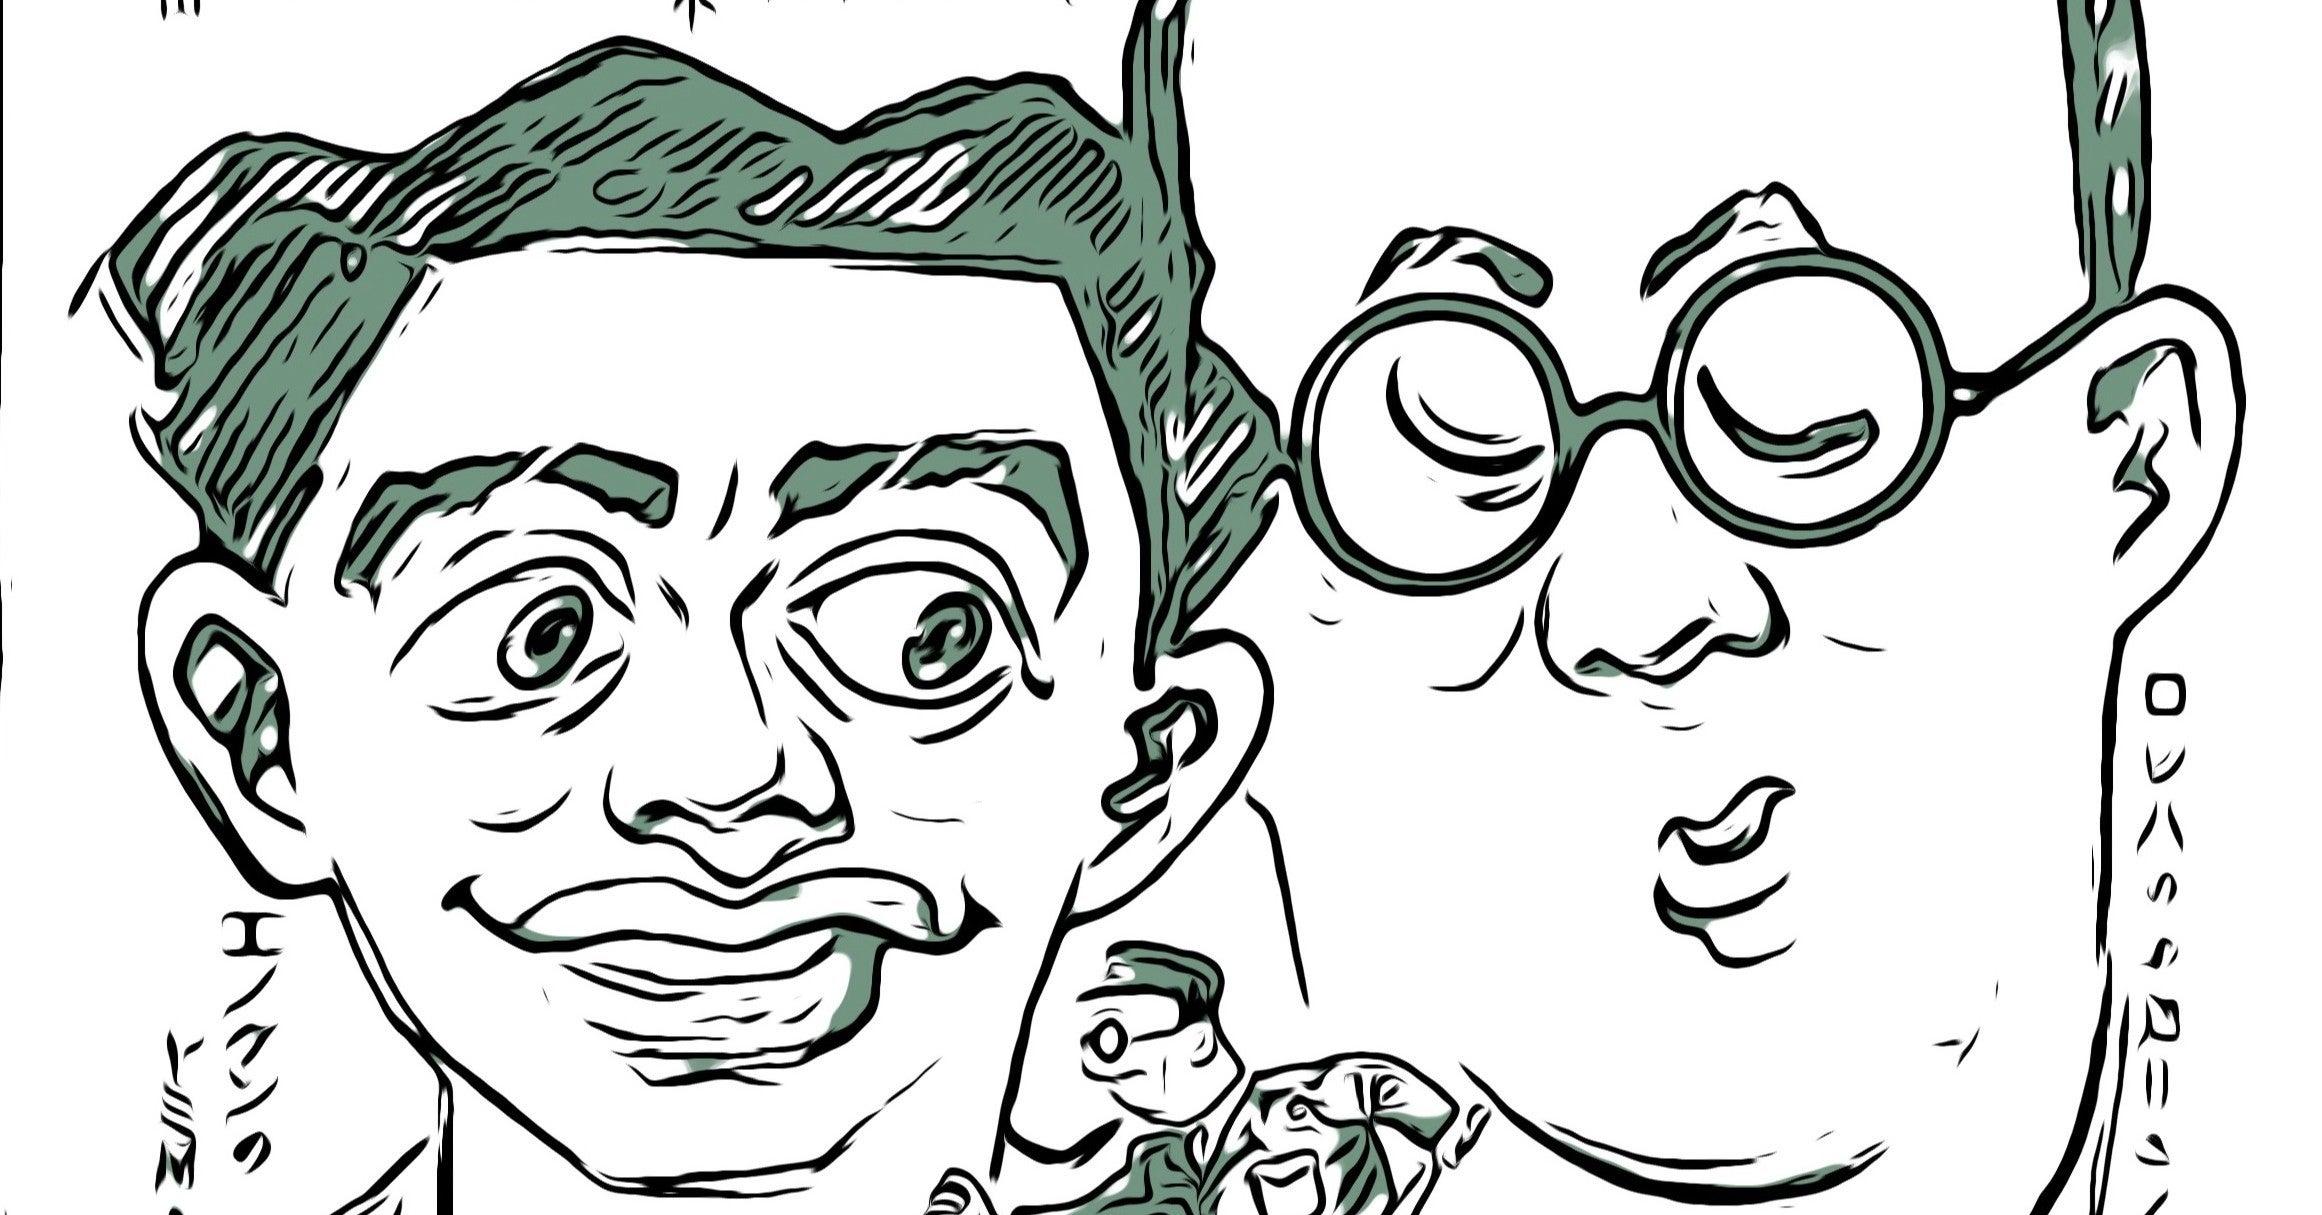 エノケン・ロッパの黄金時代|佐藤利明(娯楽映画研究家・オトナの歌謡 ...